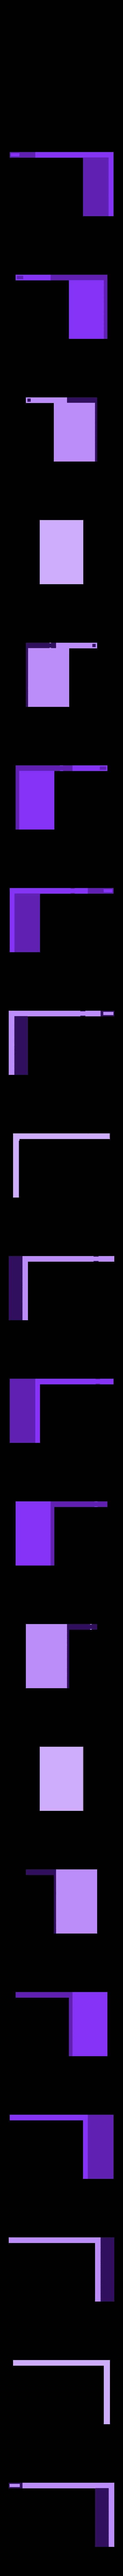 Flat bottom support.stl Download STL file Neo-shelf • 3D print design, Log5